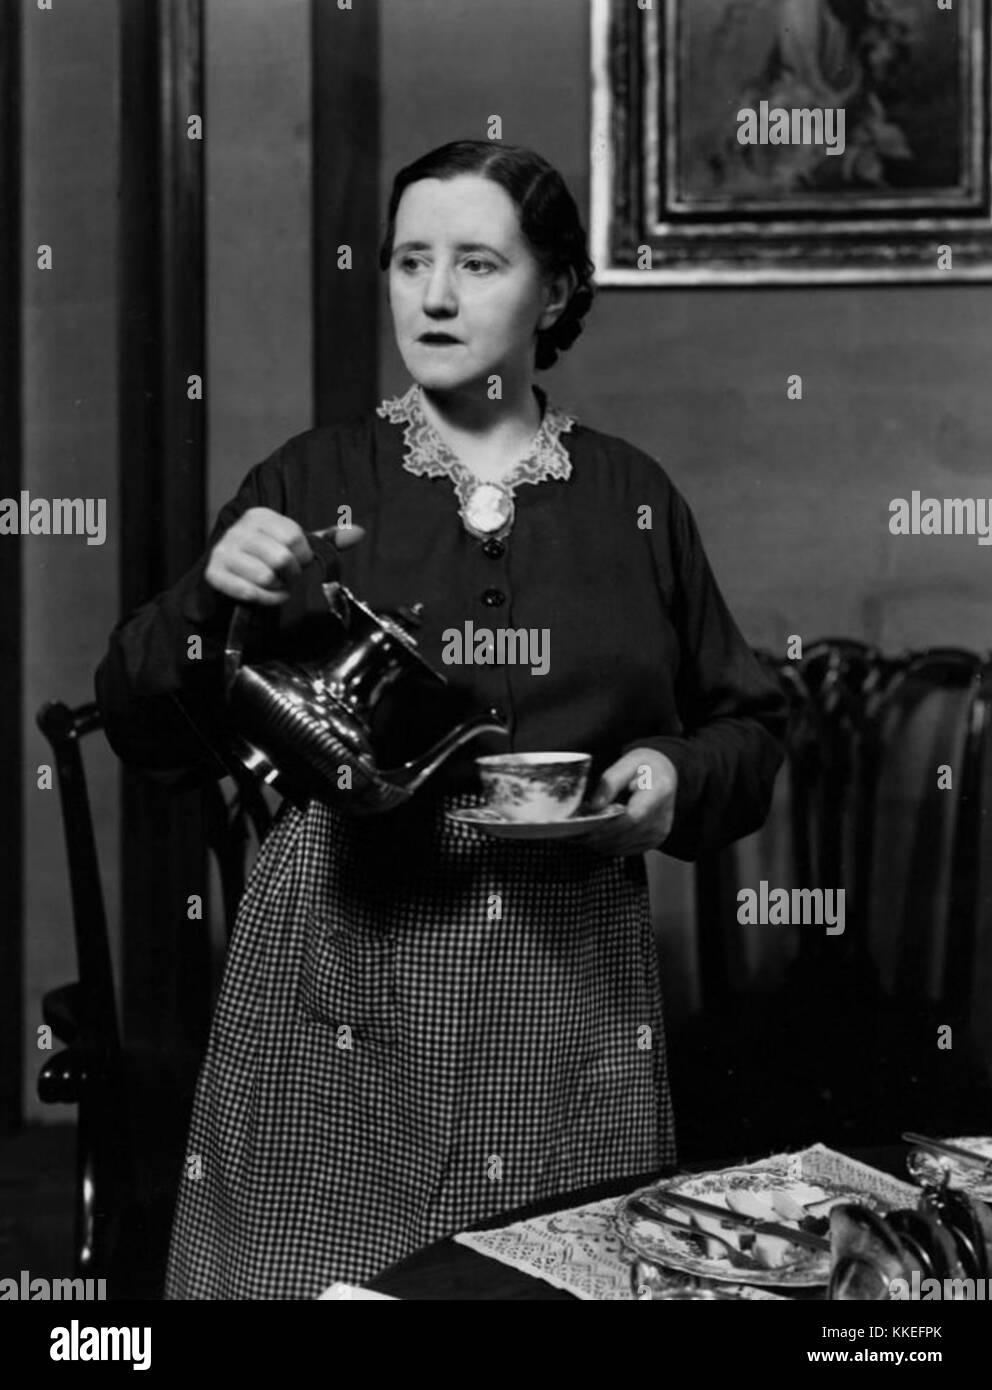 Blanche Bates,Winifred Shotter Hot pics & movies Shauna Grant,Teresa Palmer